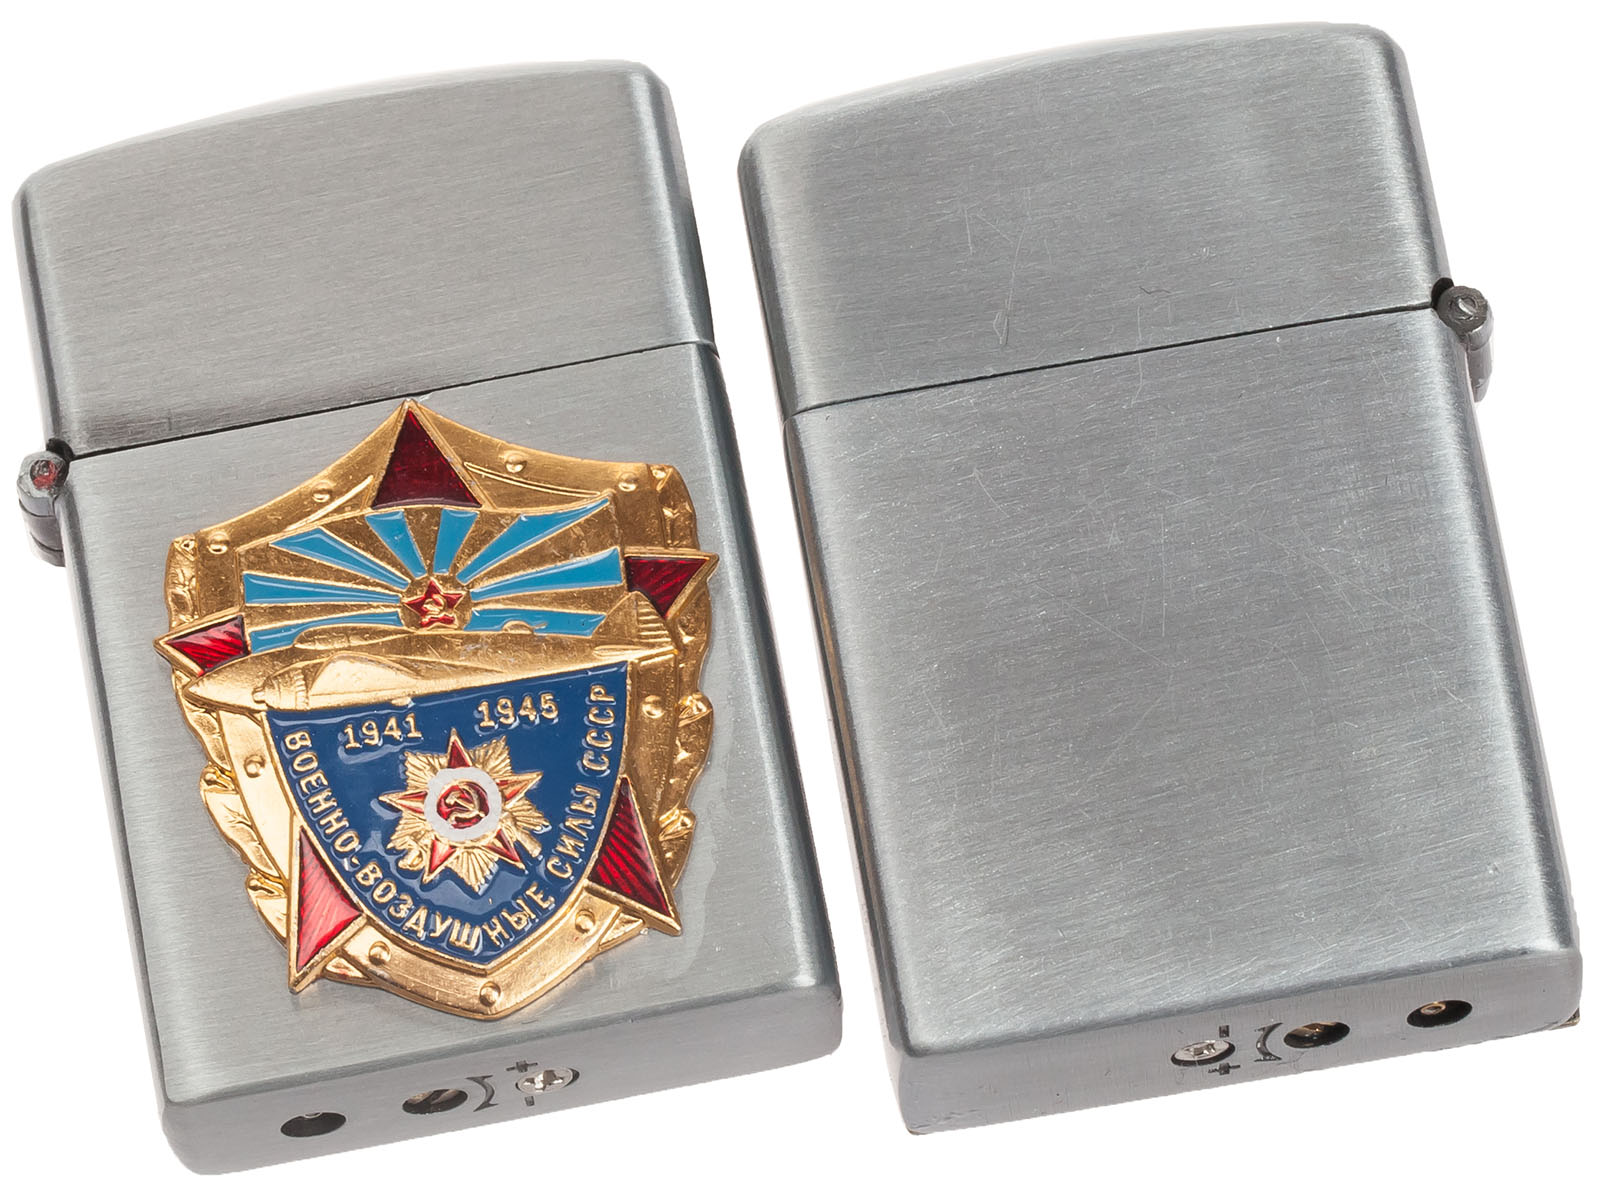 Продажа зажигалок и других сувениров ВВС/ВКС